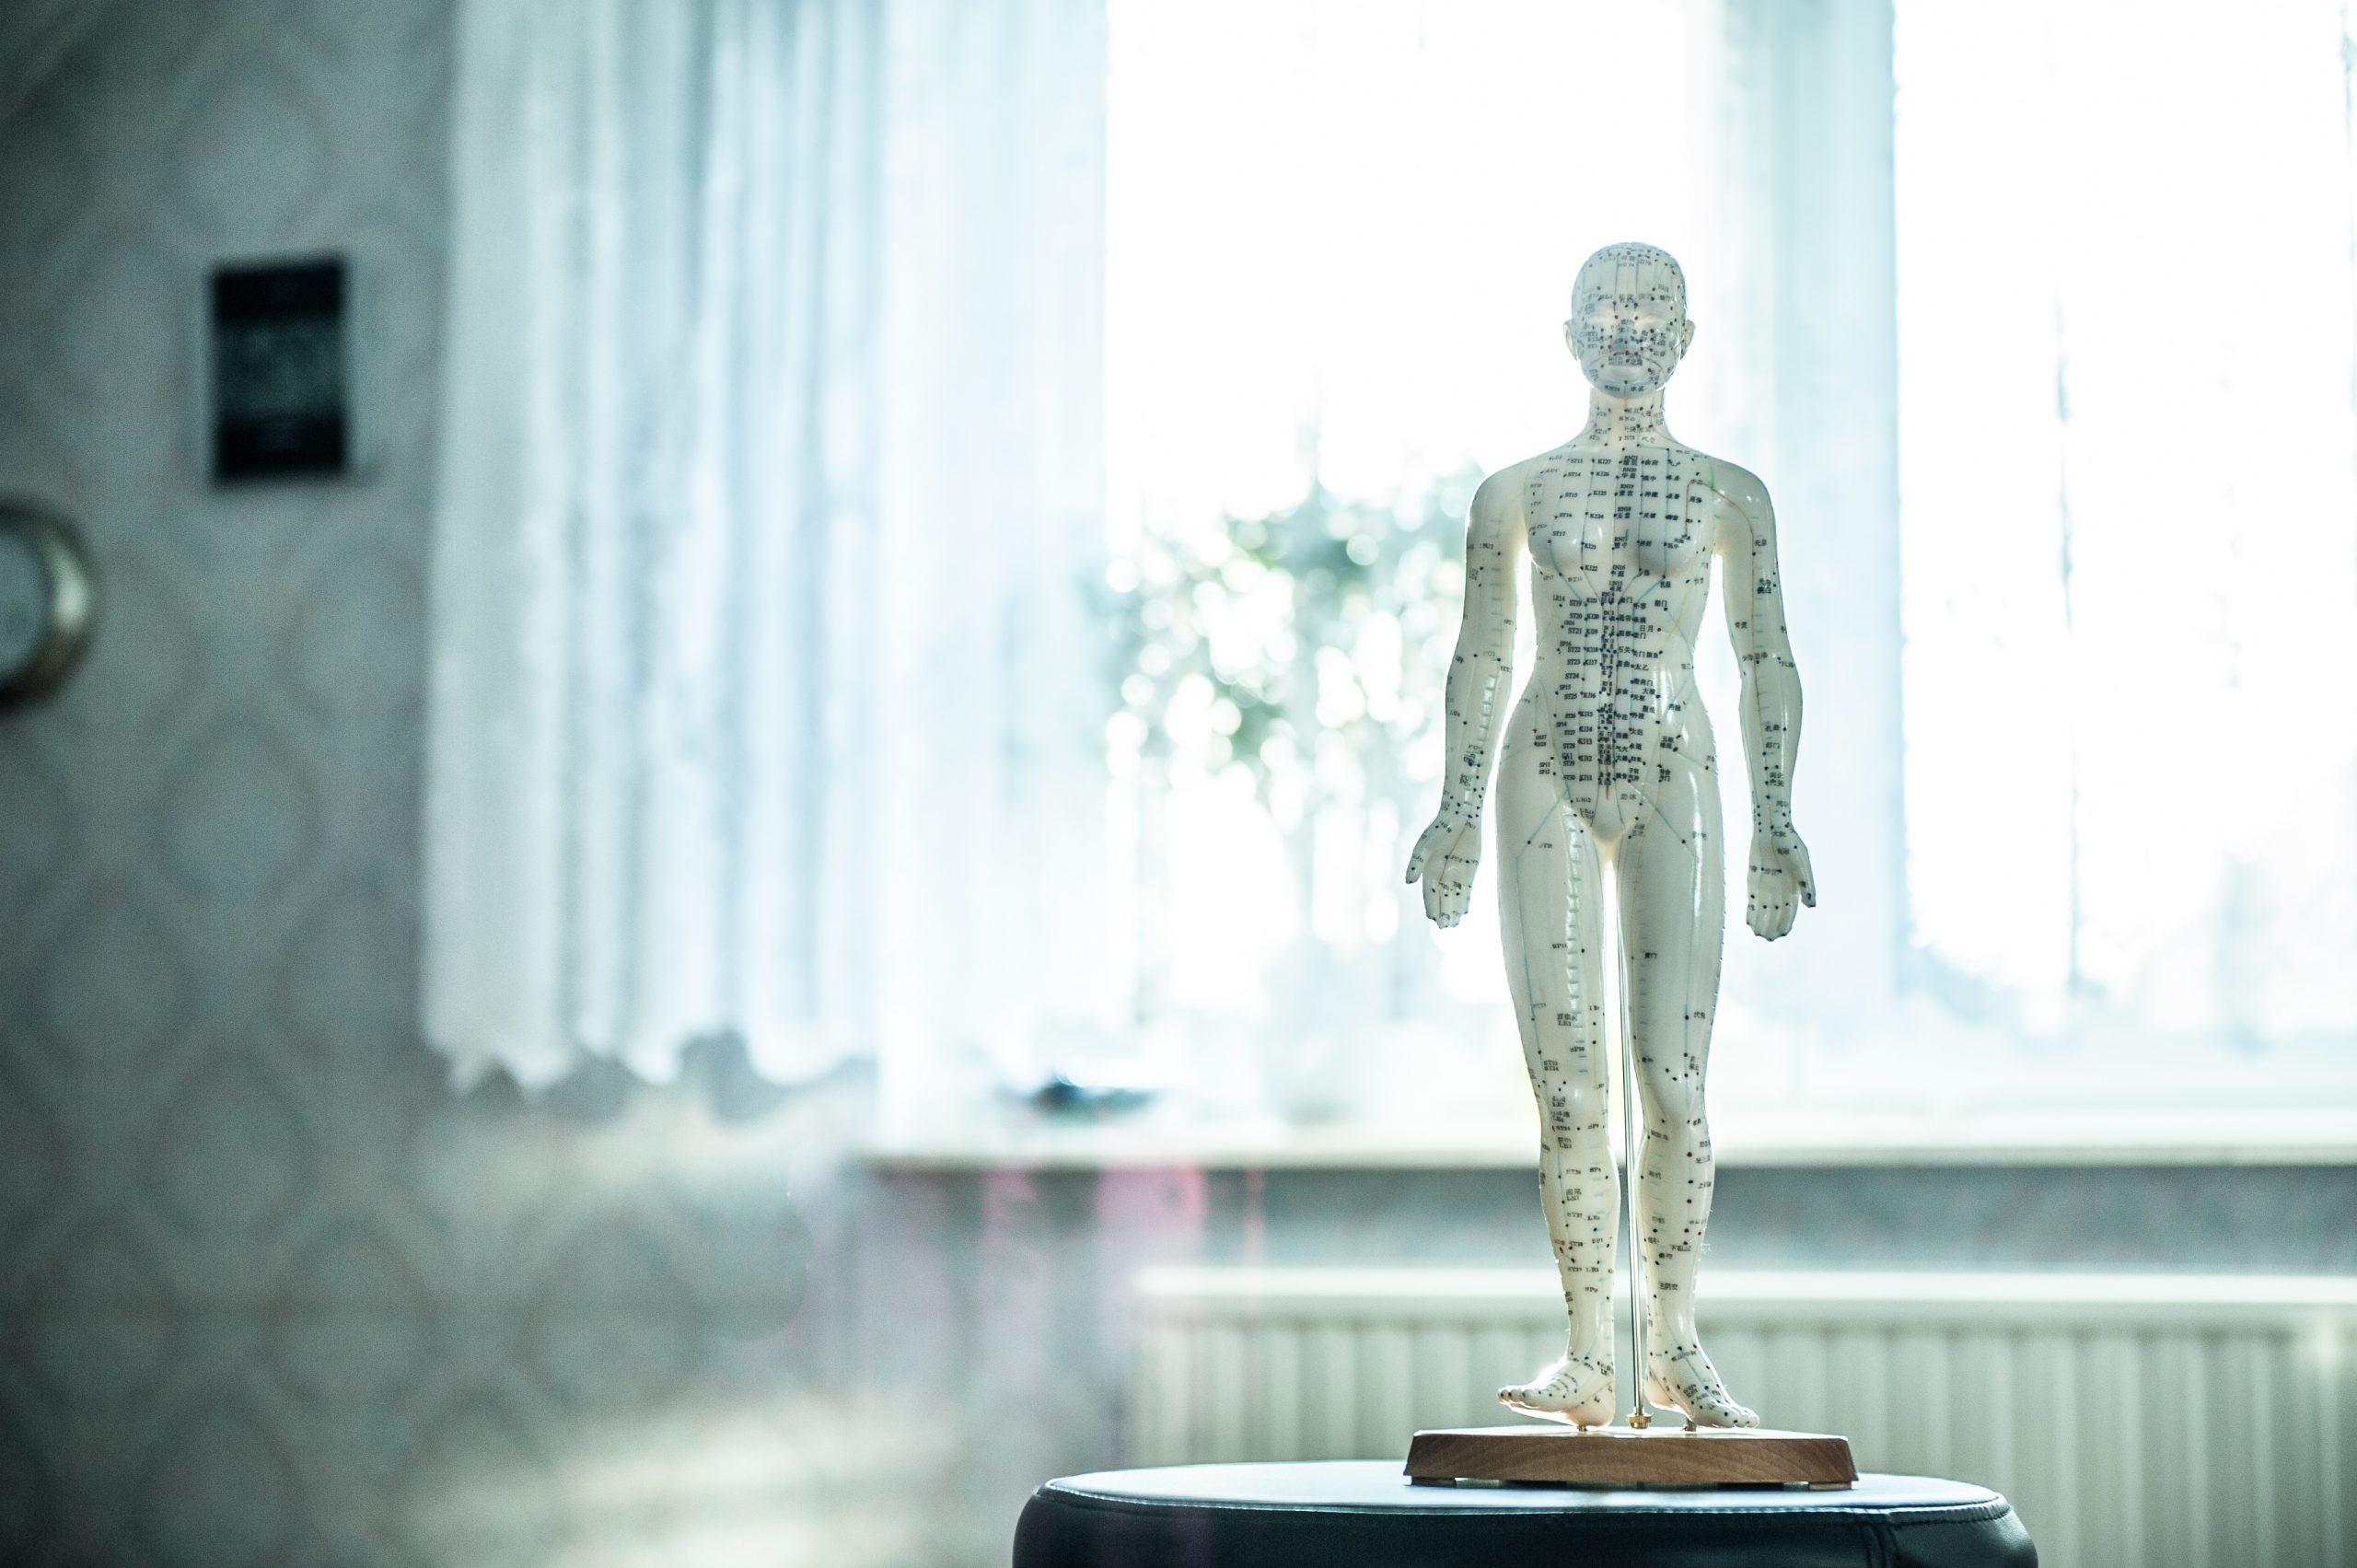 akupunktura_slowage365